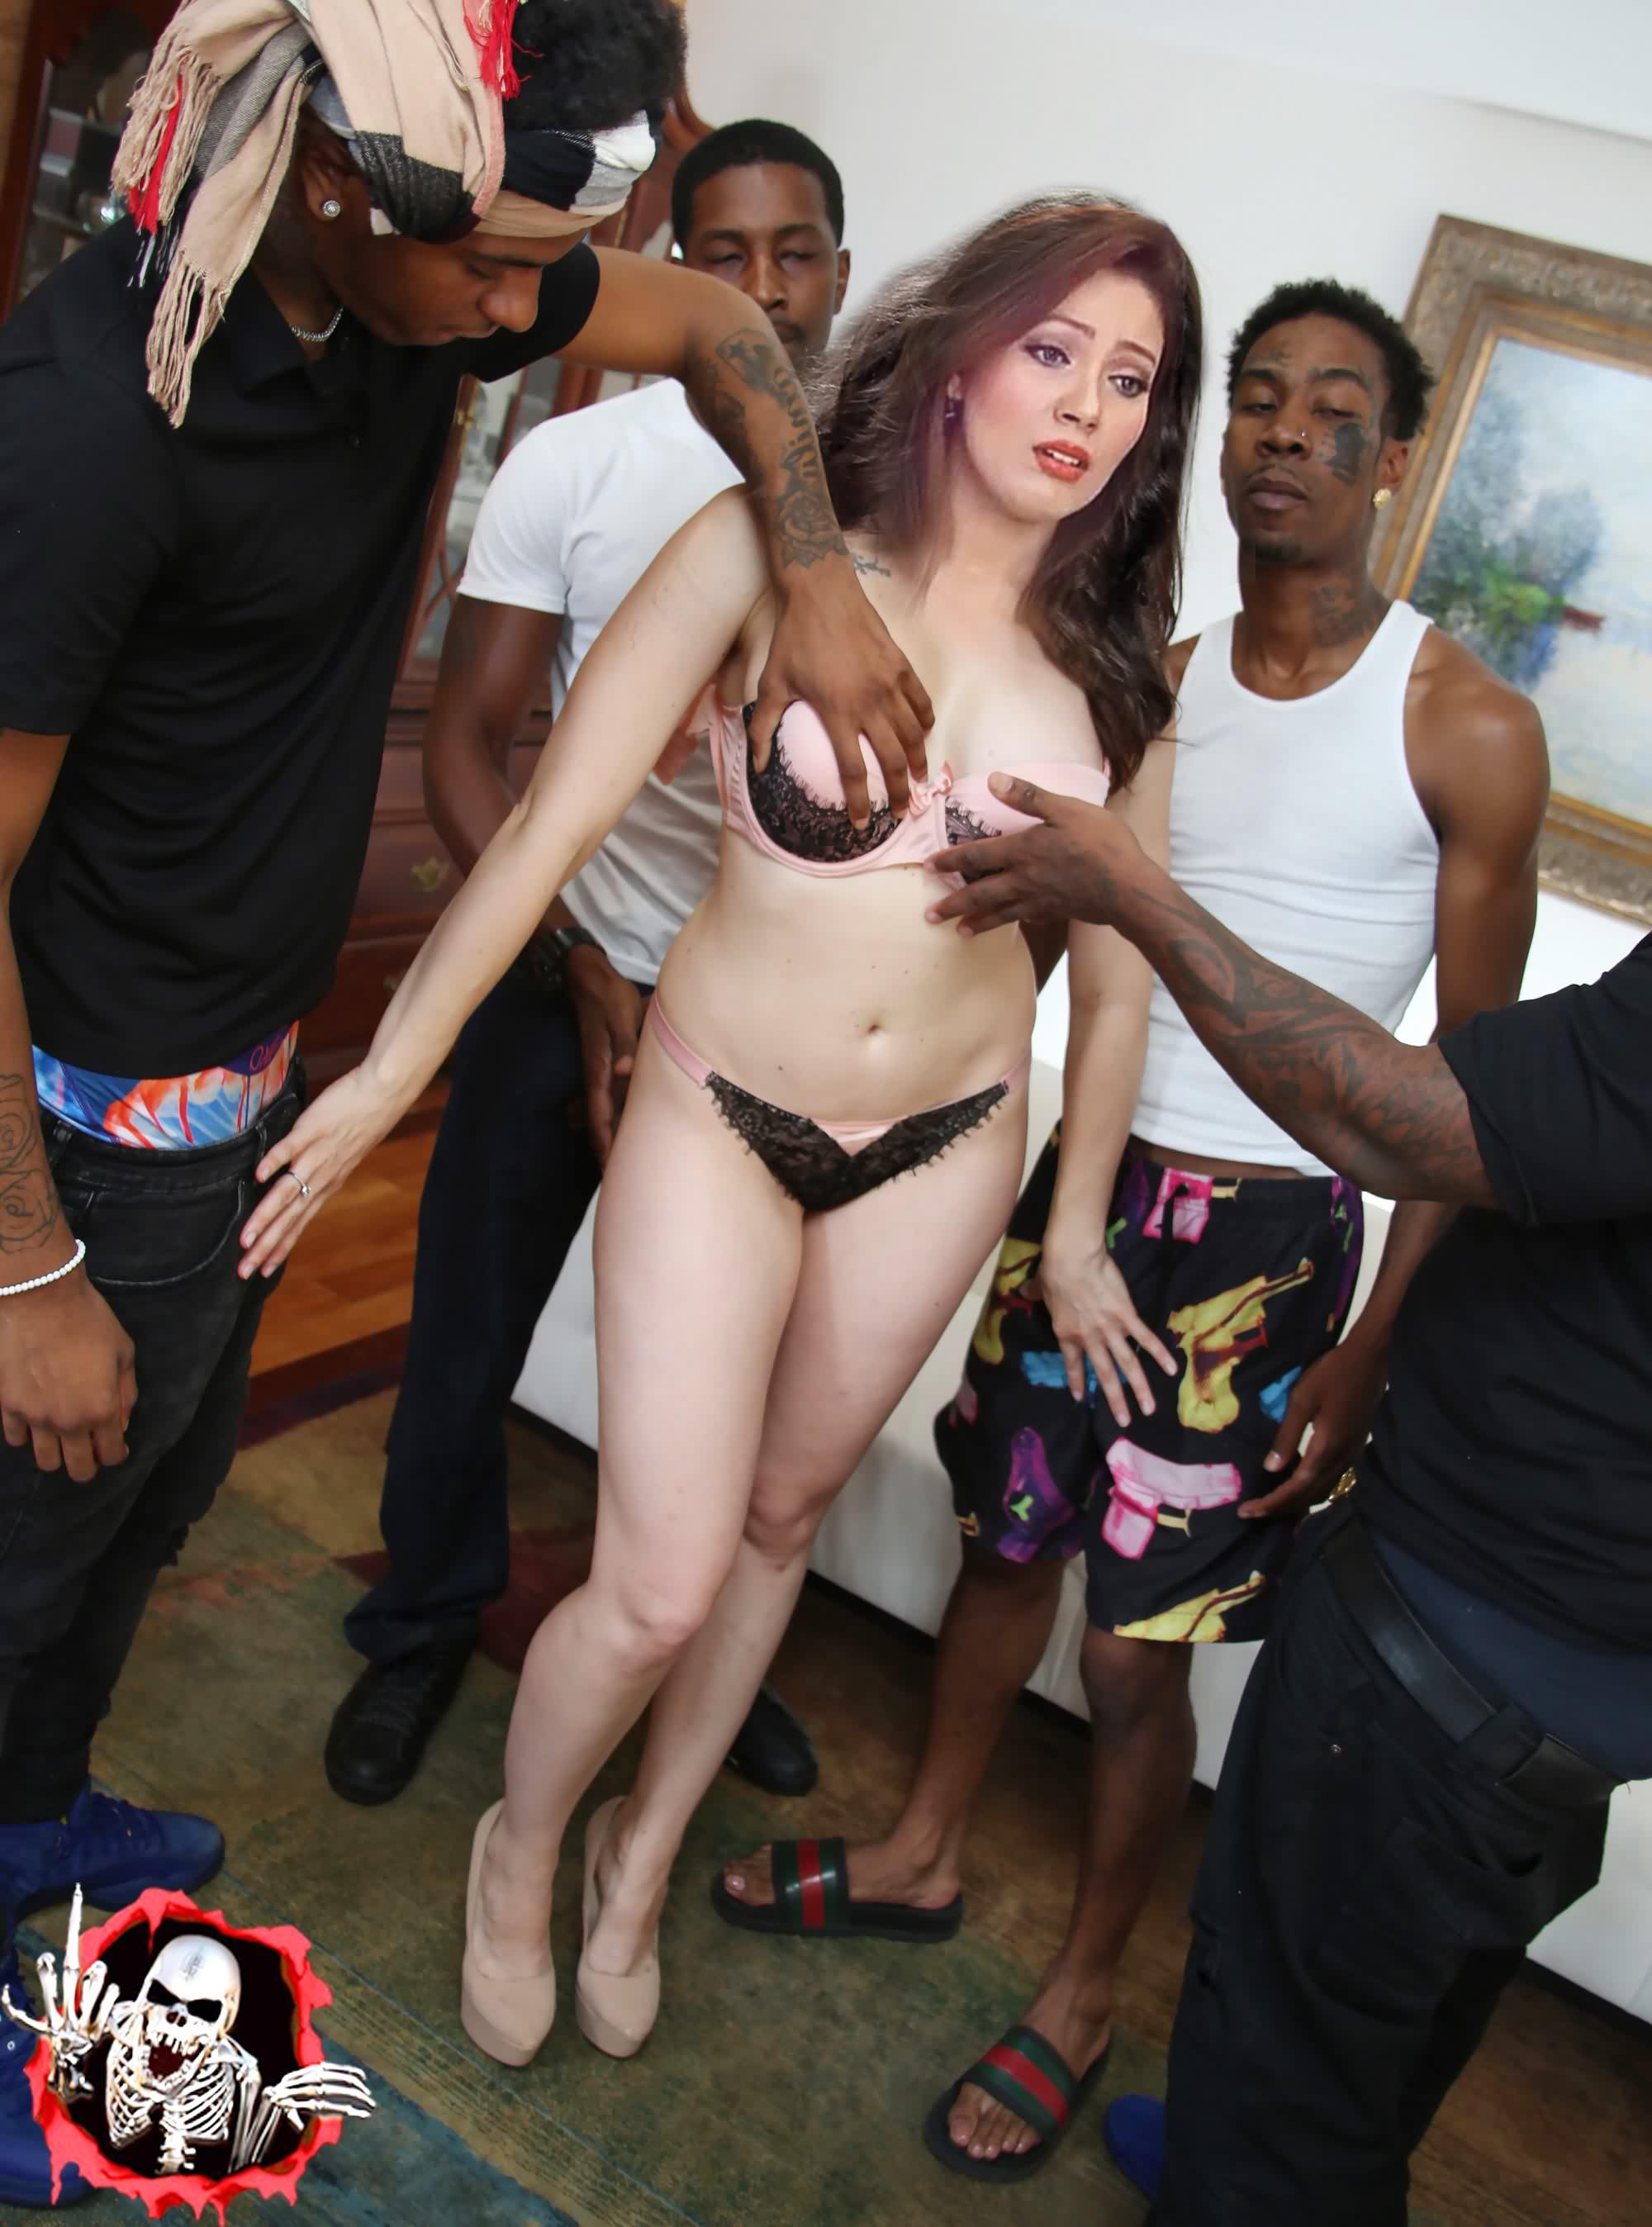 TV Actress Munmun Dutta [Babita Ji] Nude Pics • SexDug